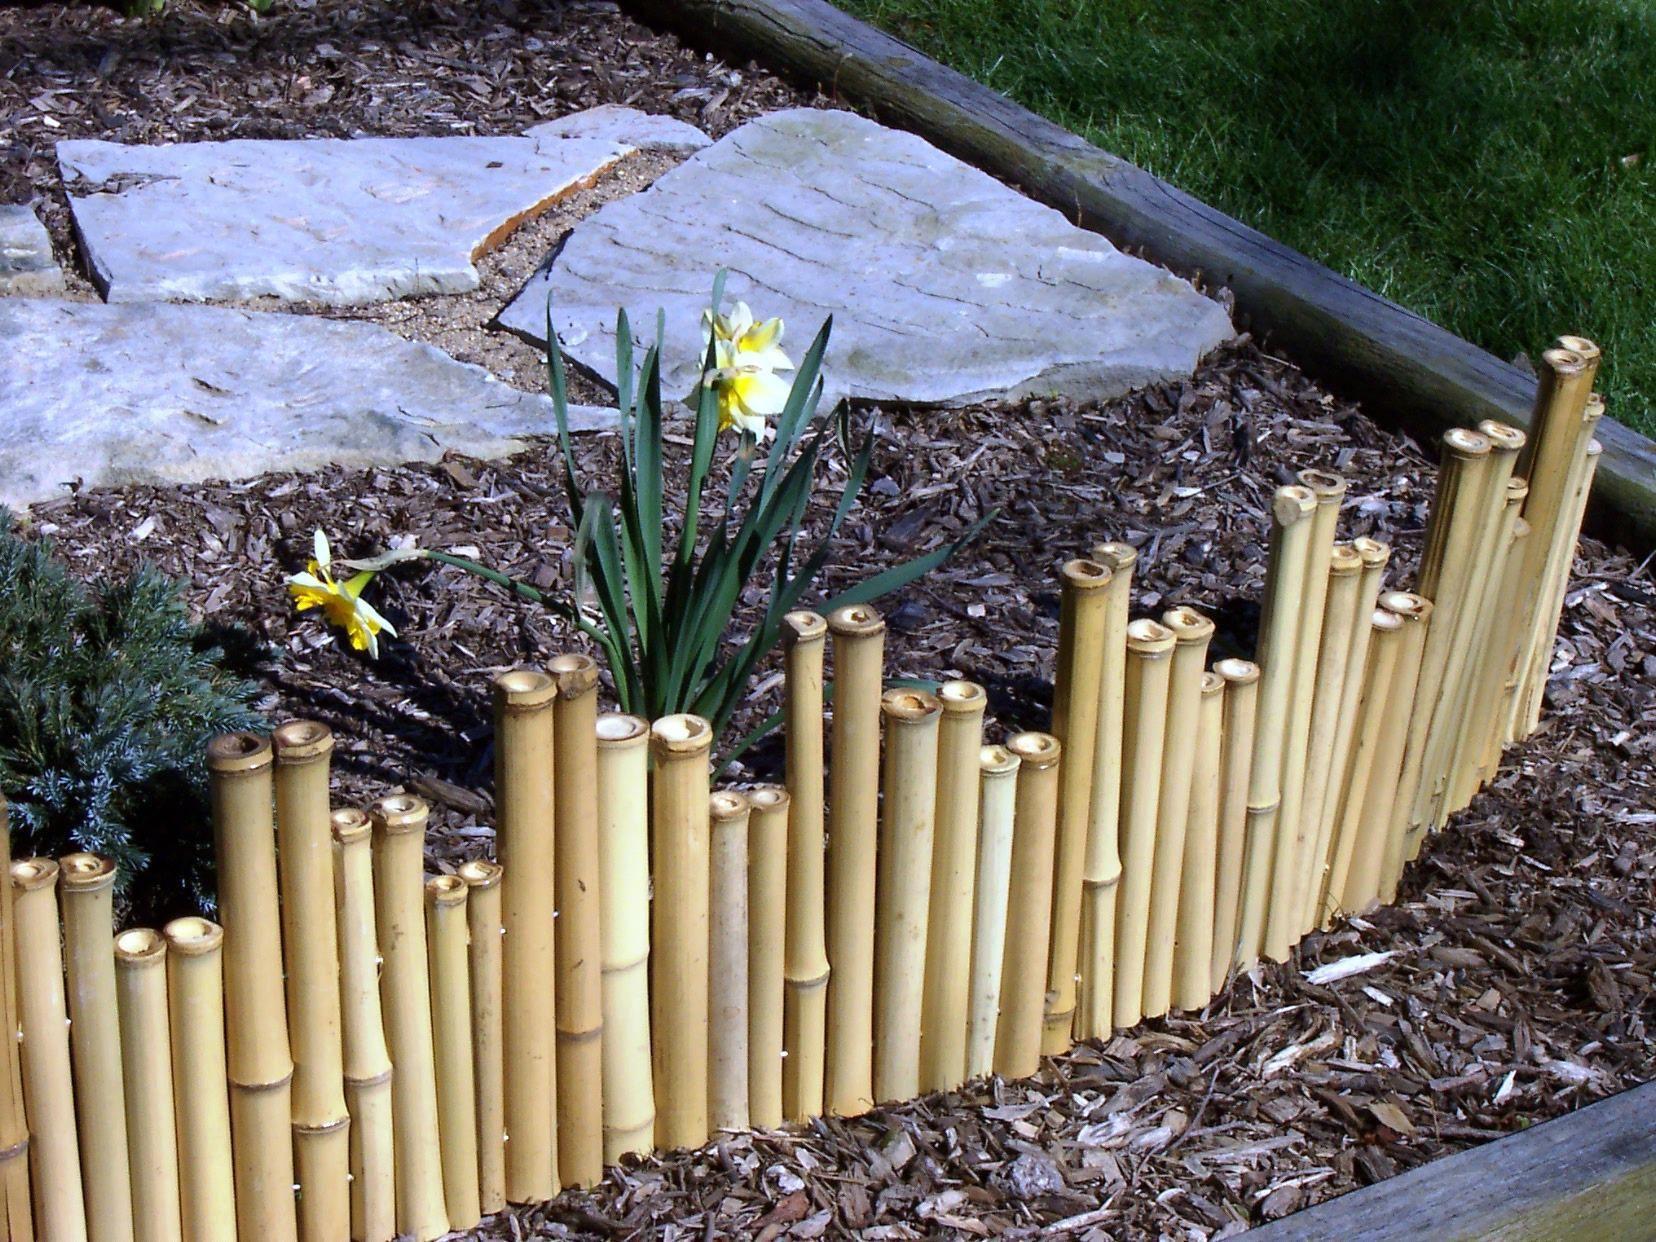 Ordinaire Decorative Garden Fencing Ideas Bamboo. Bush Gardens. Chicago Botanic Garden.  Madison Square Garden. Garden City Telegram. Busch Gardens Hours.